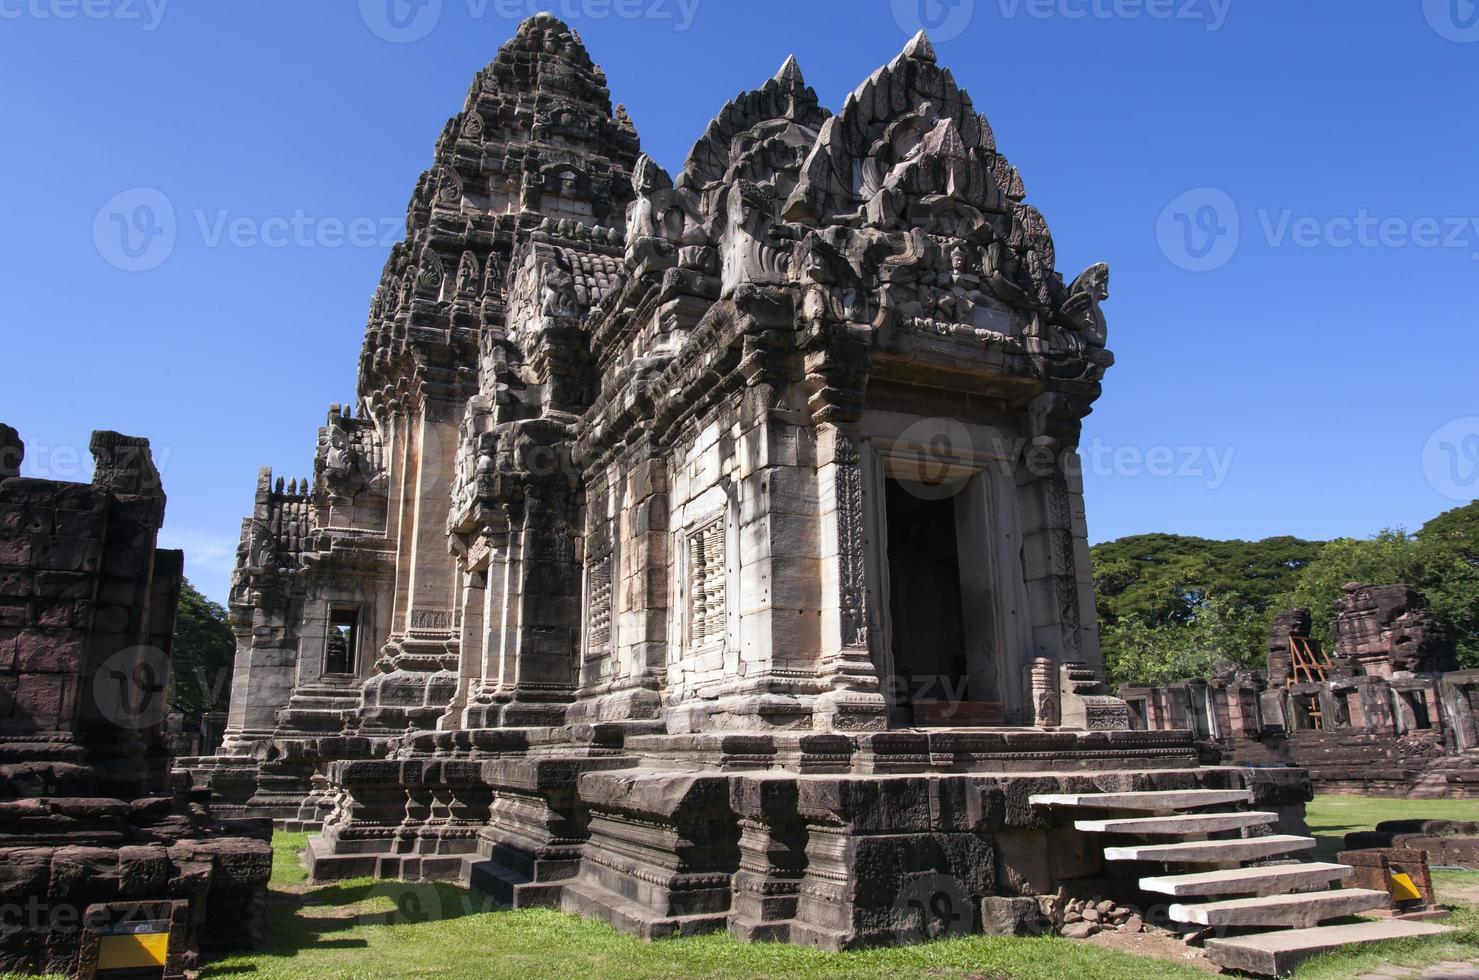 de belangrijkste prang, belangrijkste toren in phimai historisch park, thailand foto